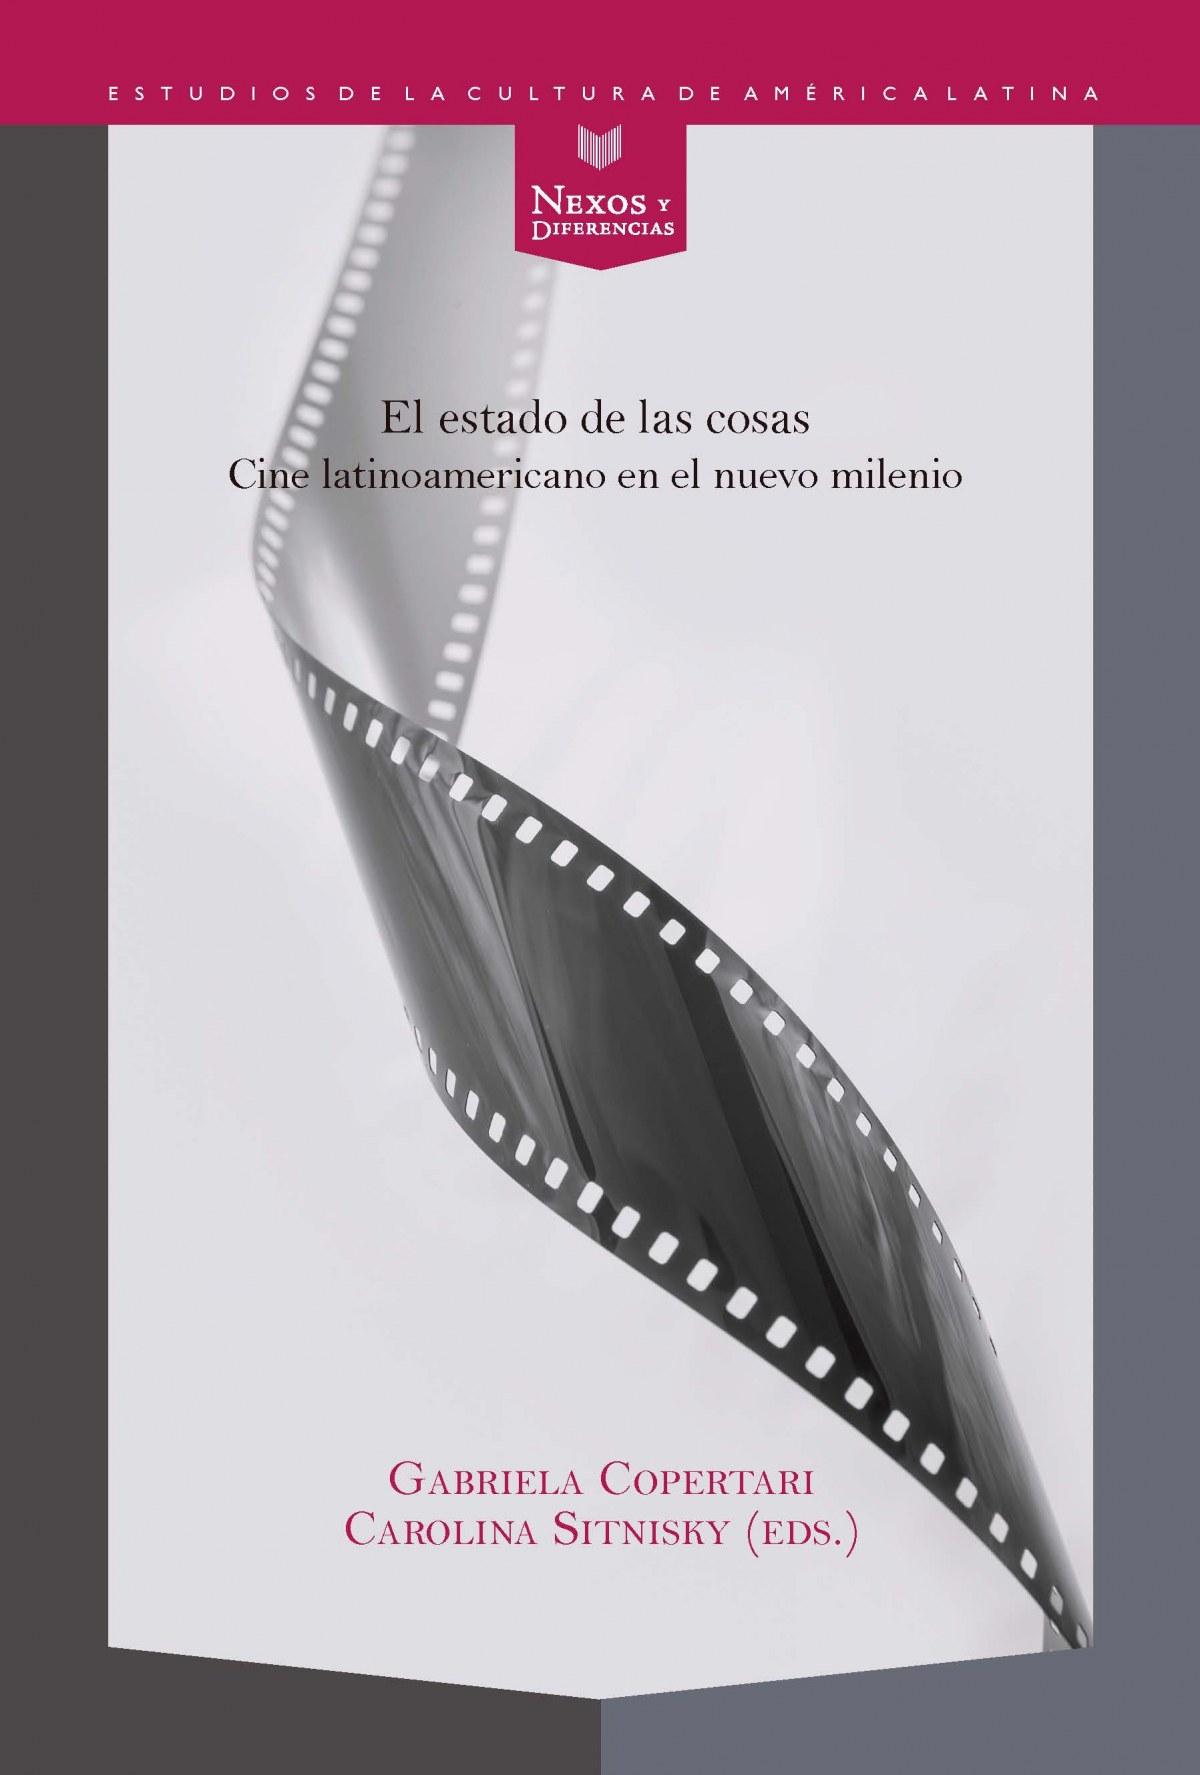 Estado de las cosas:cine latinoamericano nuevo milenio cine latinoamericano en el nuevo milenio - Copertari/Sitnisky